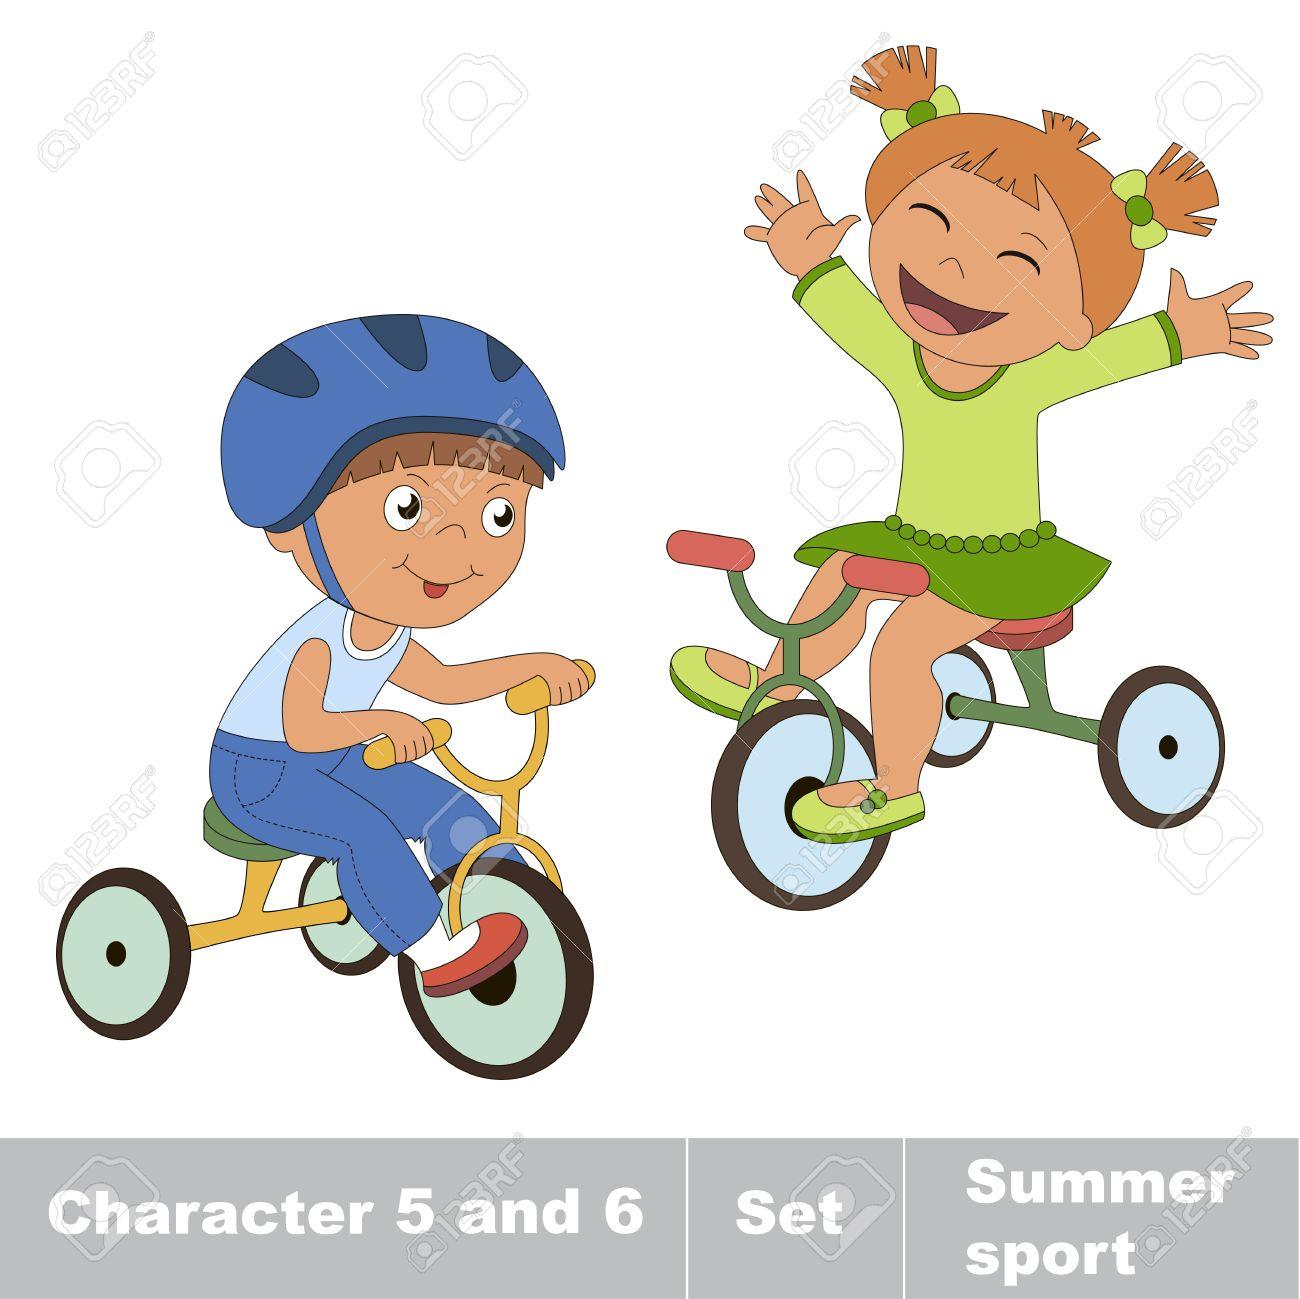 Deux Bébé Garçon Et Une Fille Faire Du Vélo. Été Les Jeux De Plein Air Pour  Les Enfants. Enfants Sports D'été. concernant Jeux Pour Garçon Et Fille